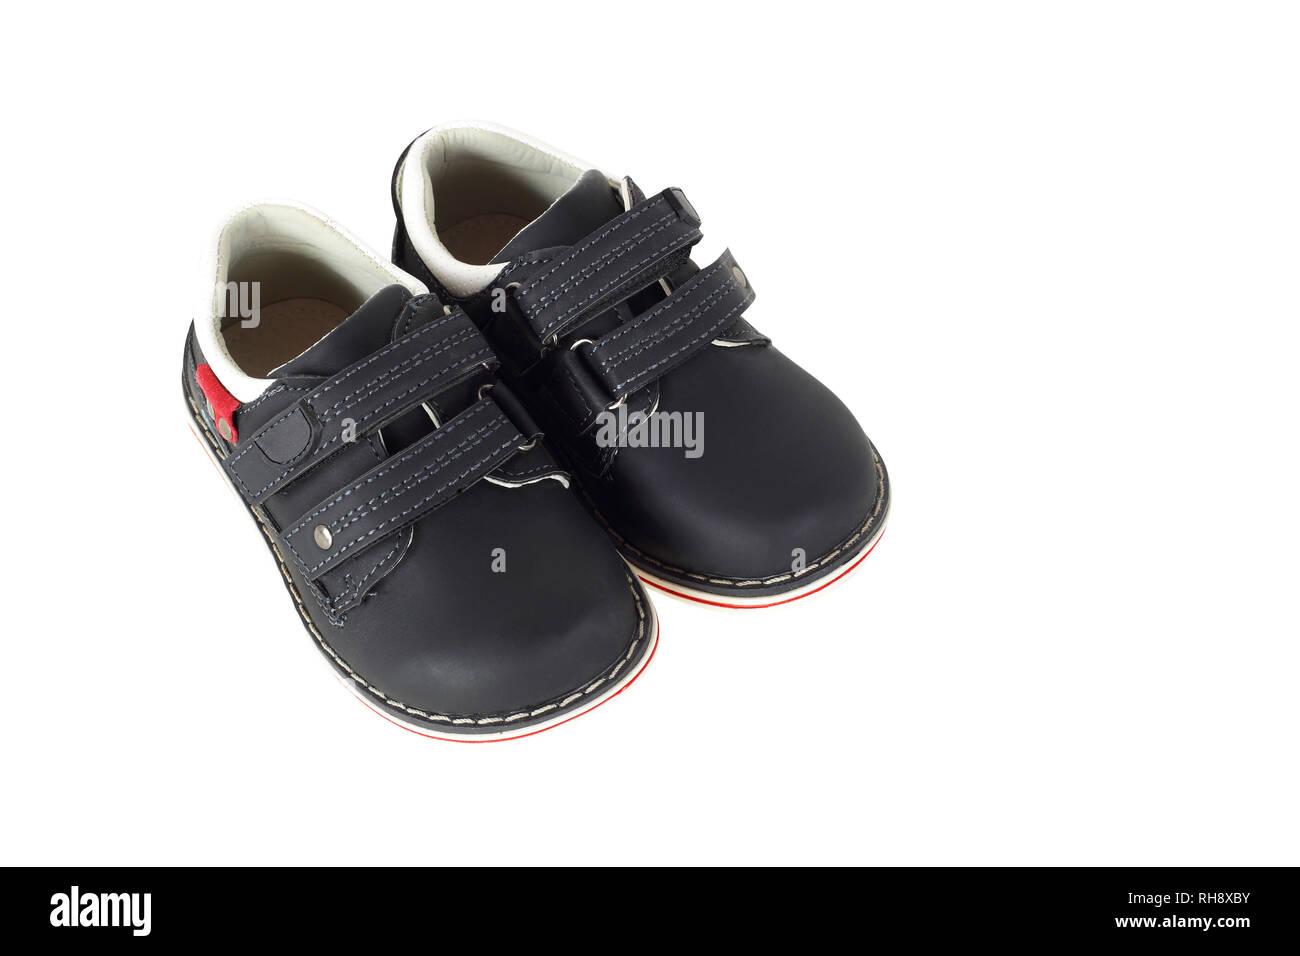 93d4e0a2a4798c Shoe Shopping Children Stock Photos   Shoe Shopping Children Stock ...